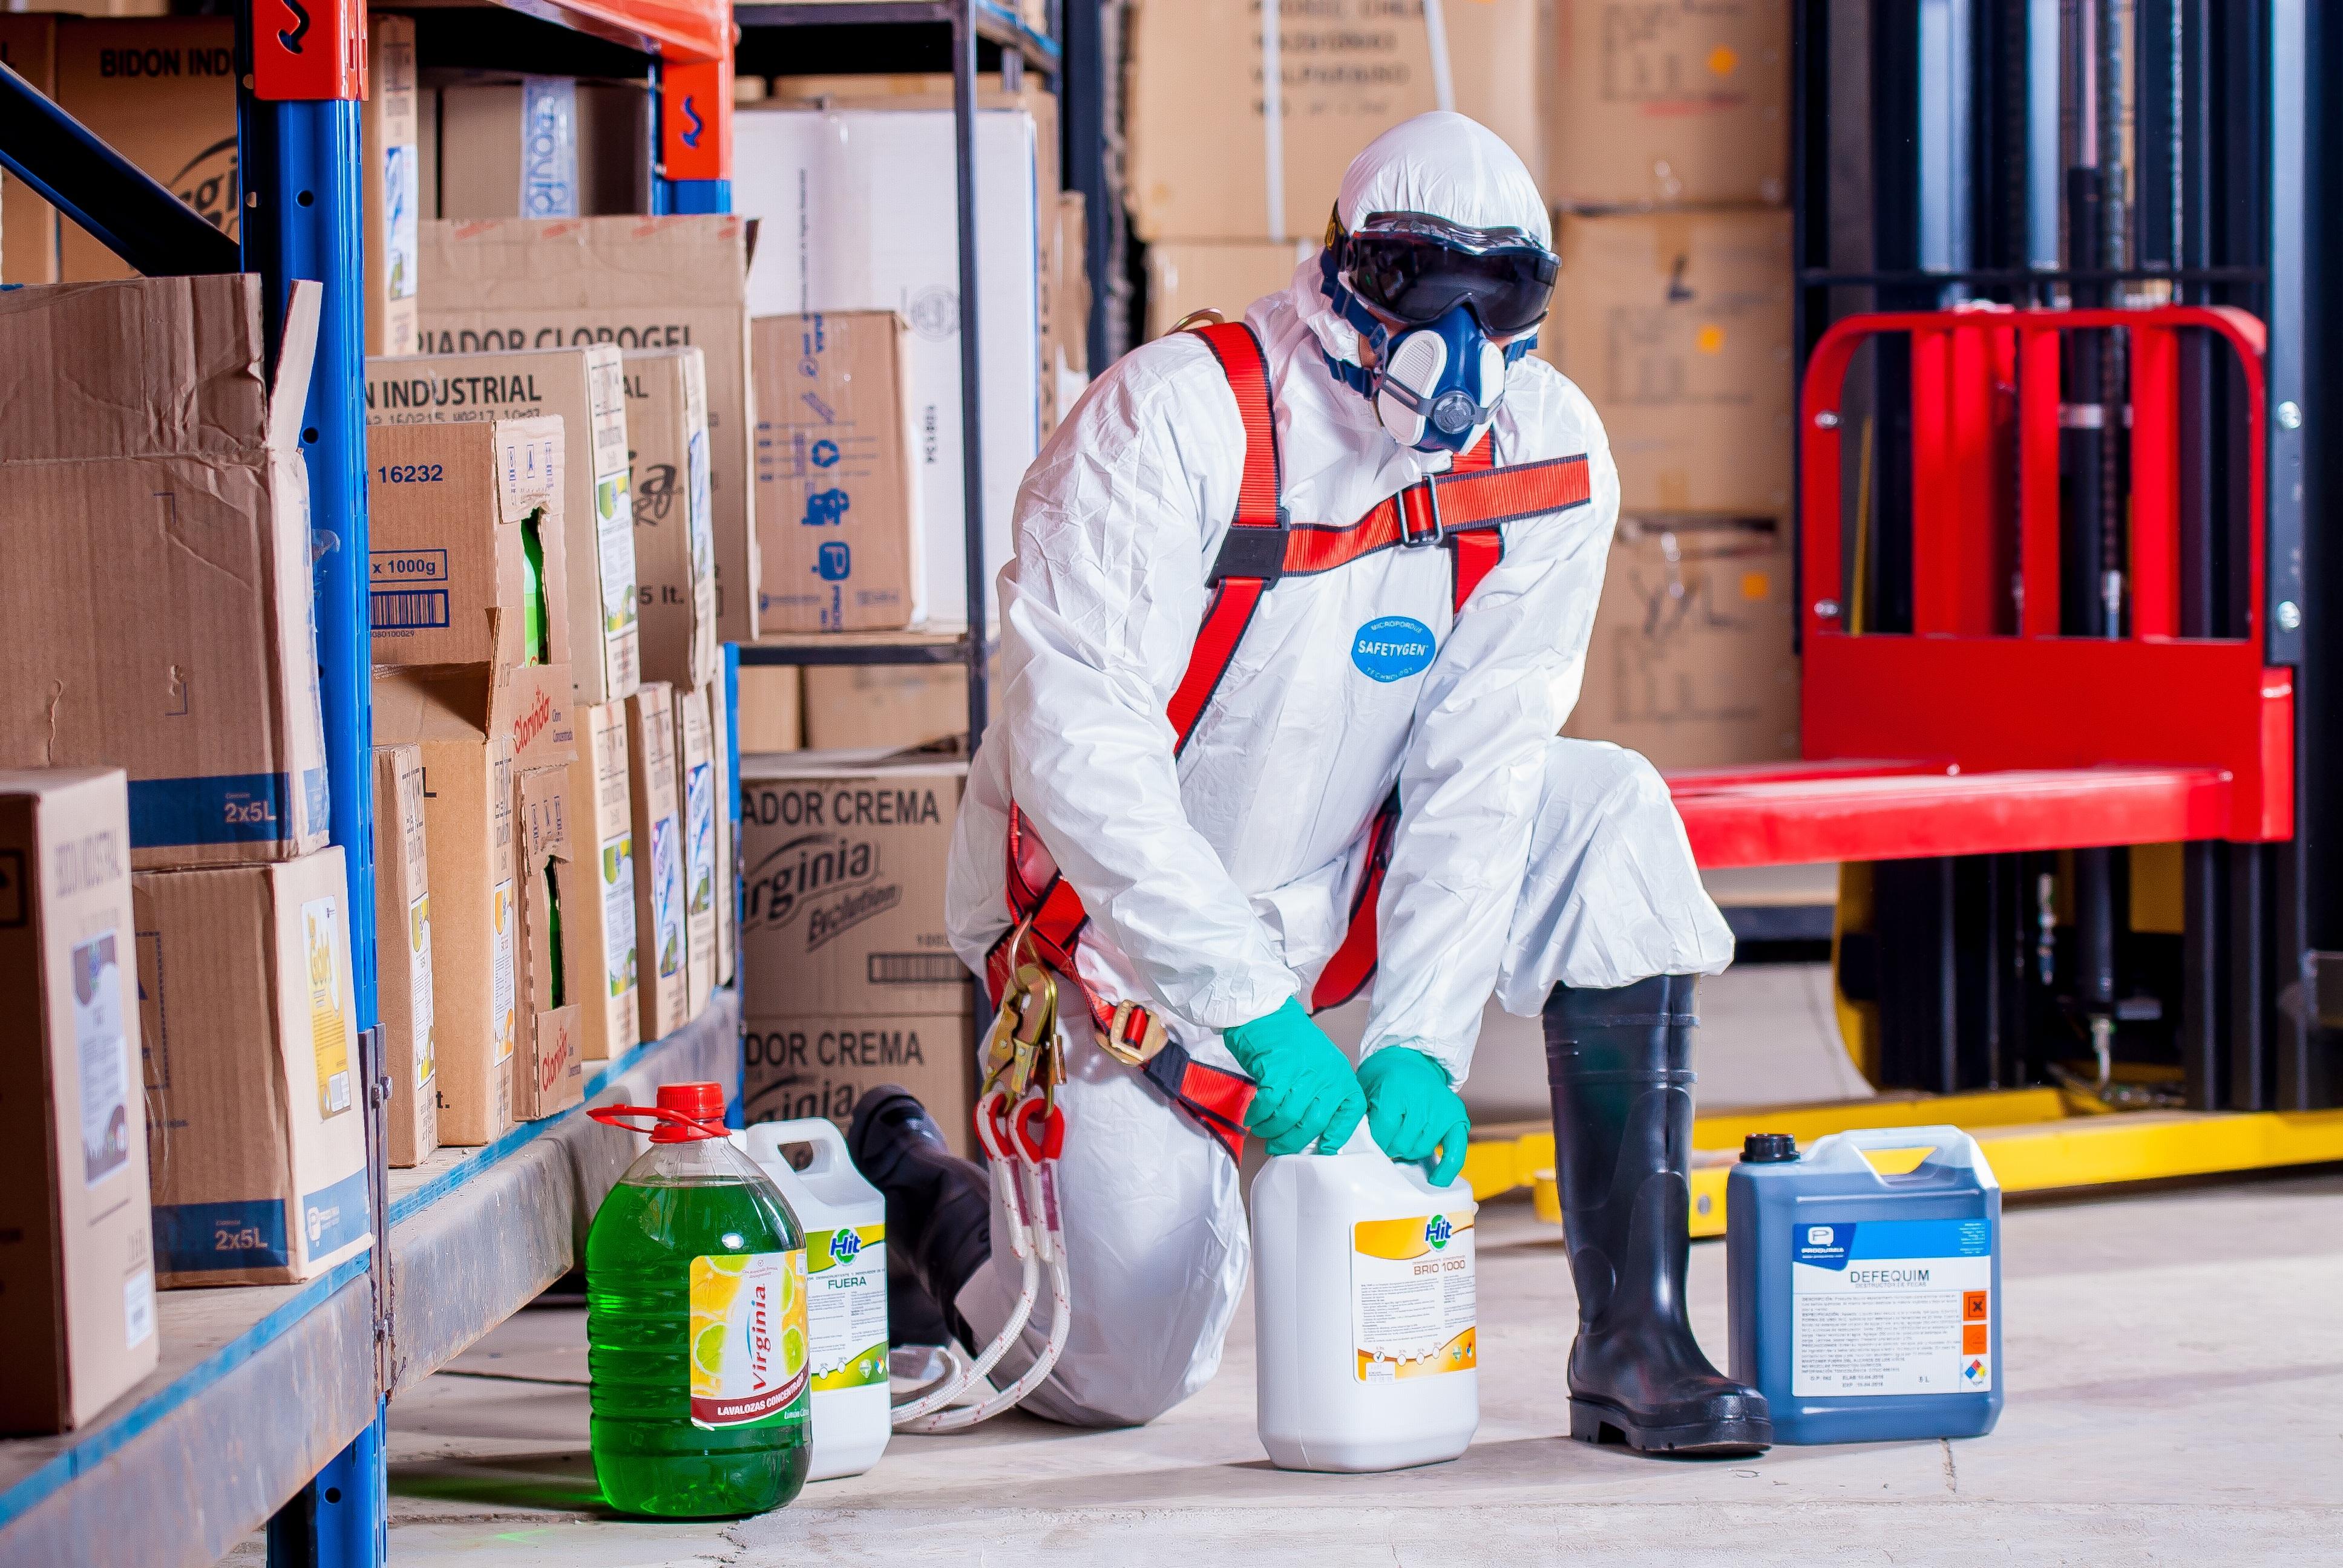 Arbeiter in Chemikalienschutzanzug mit Gefahrstoffen